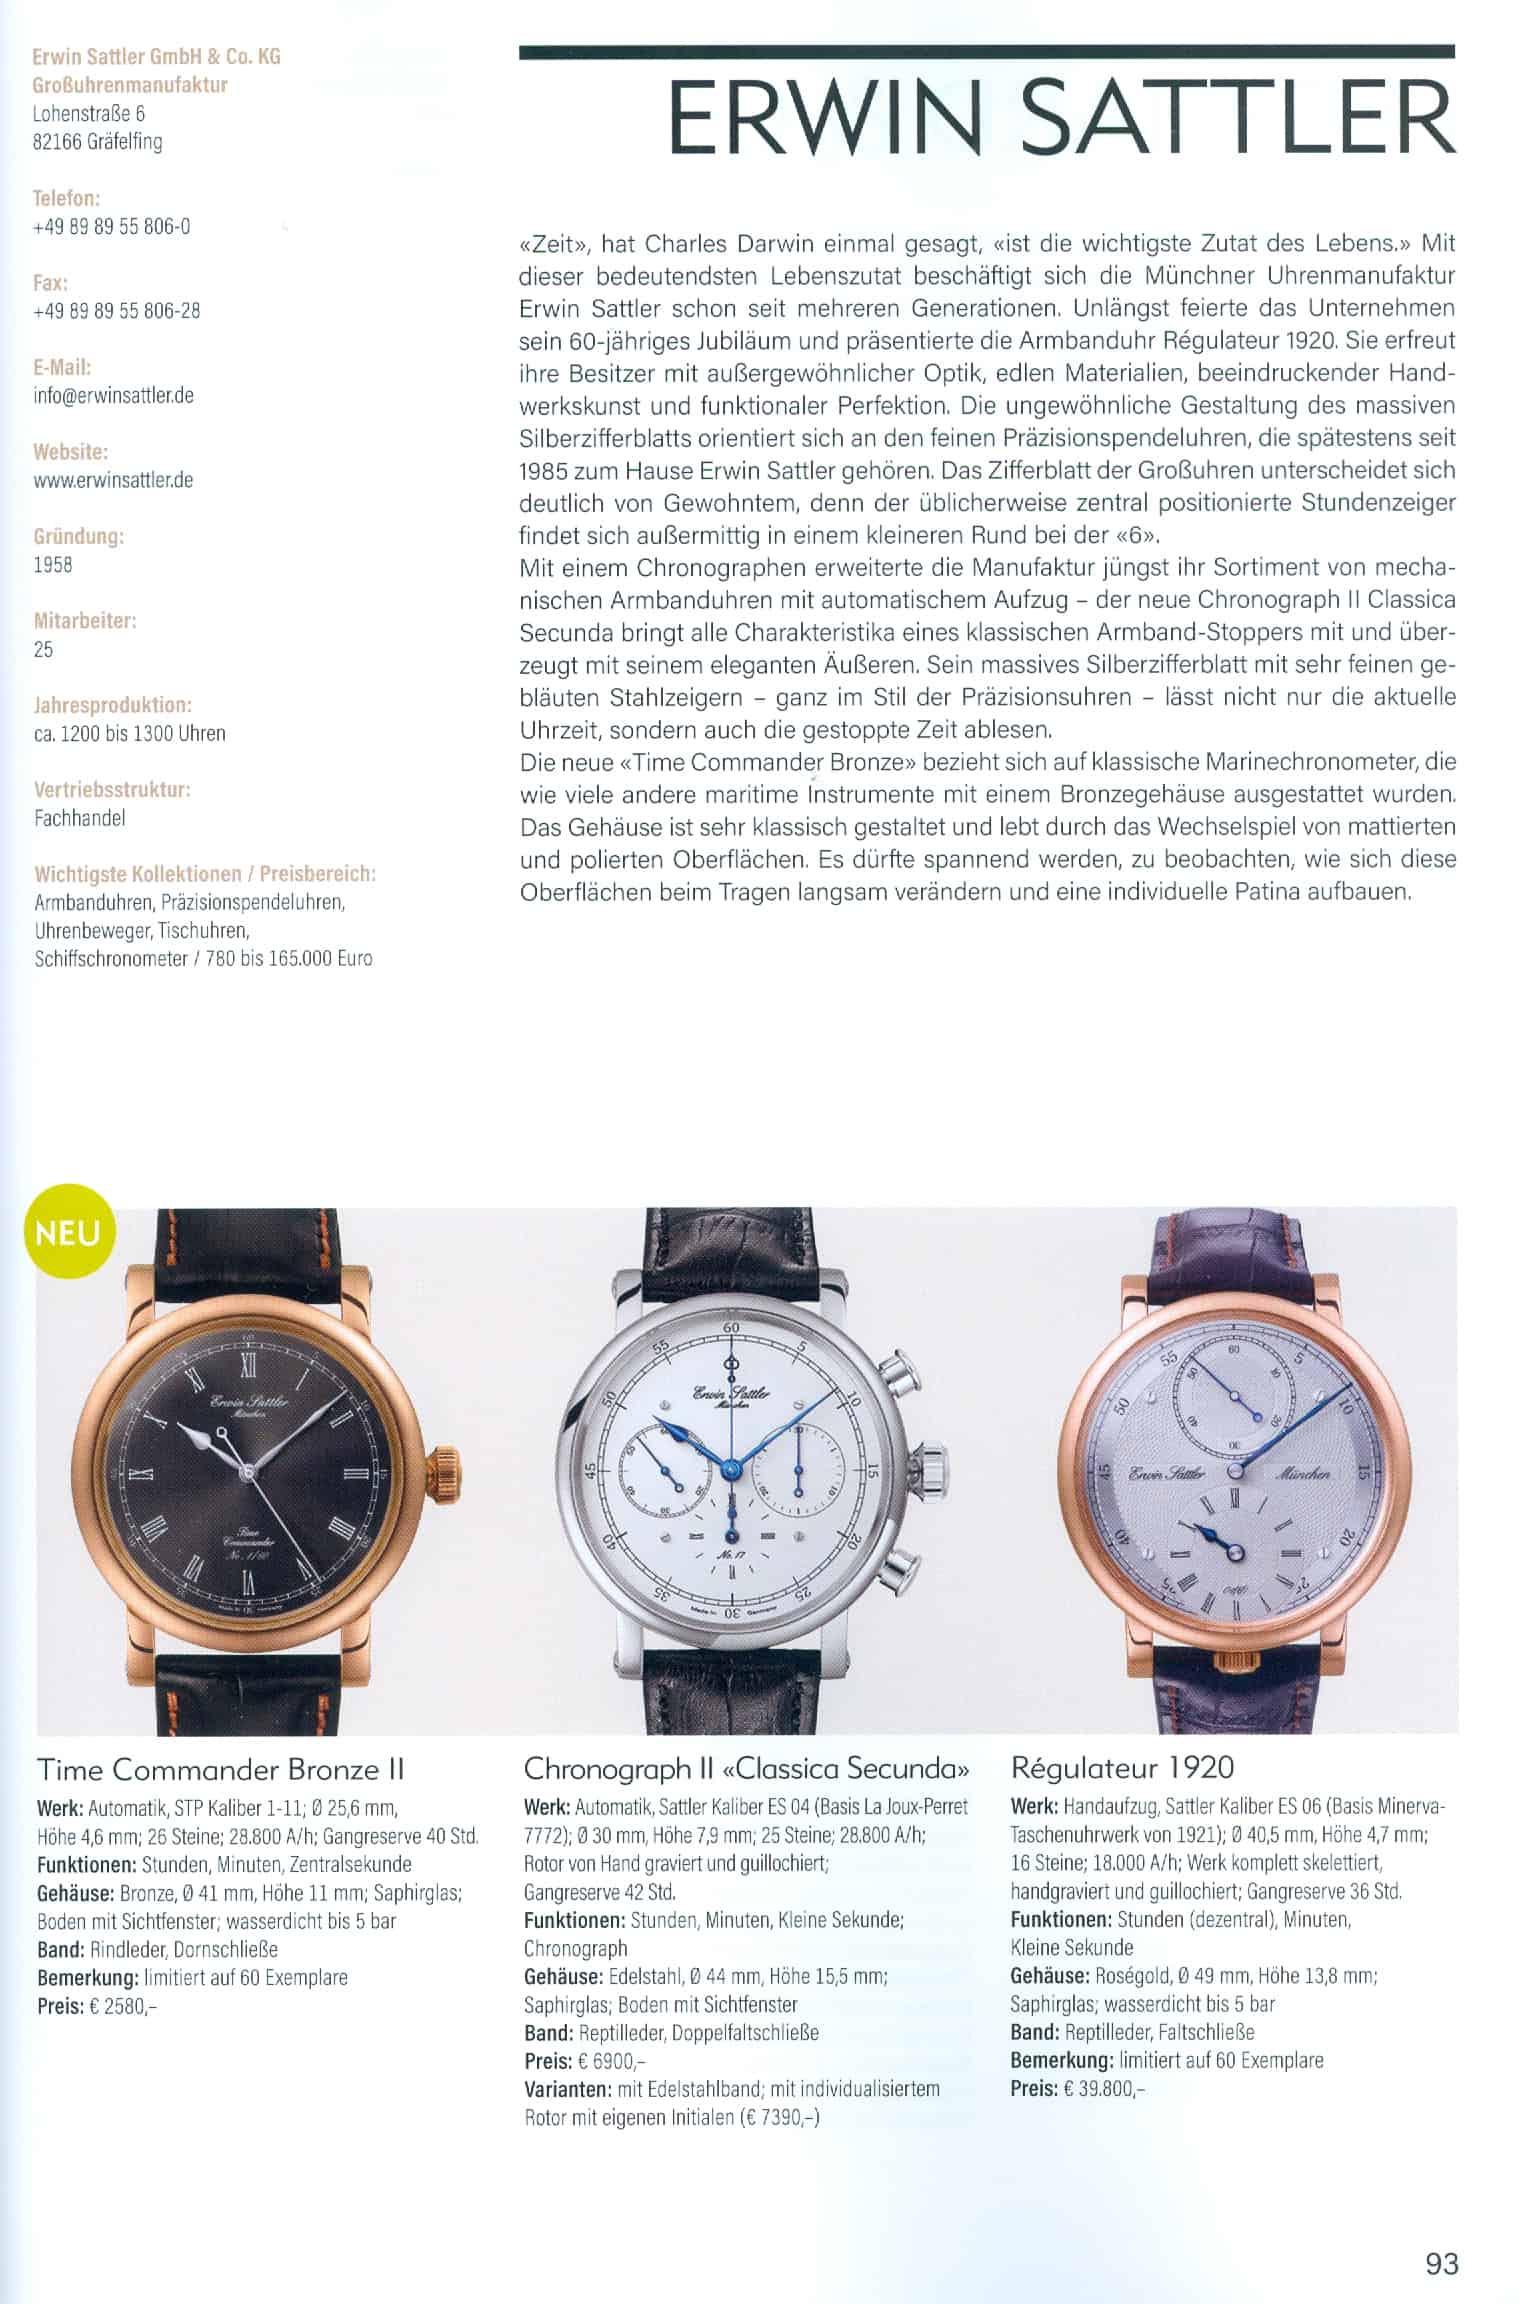 Armbanduhren Katalog Heel Verlag 2020 2021 Erwin Sattler